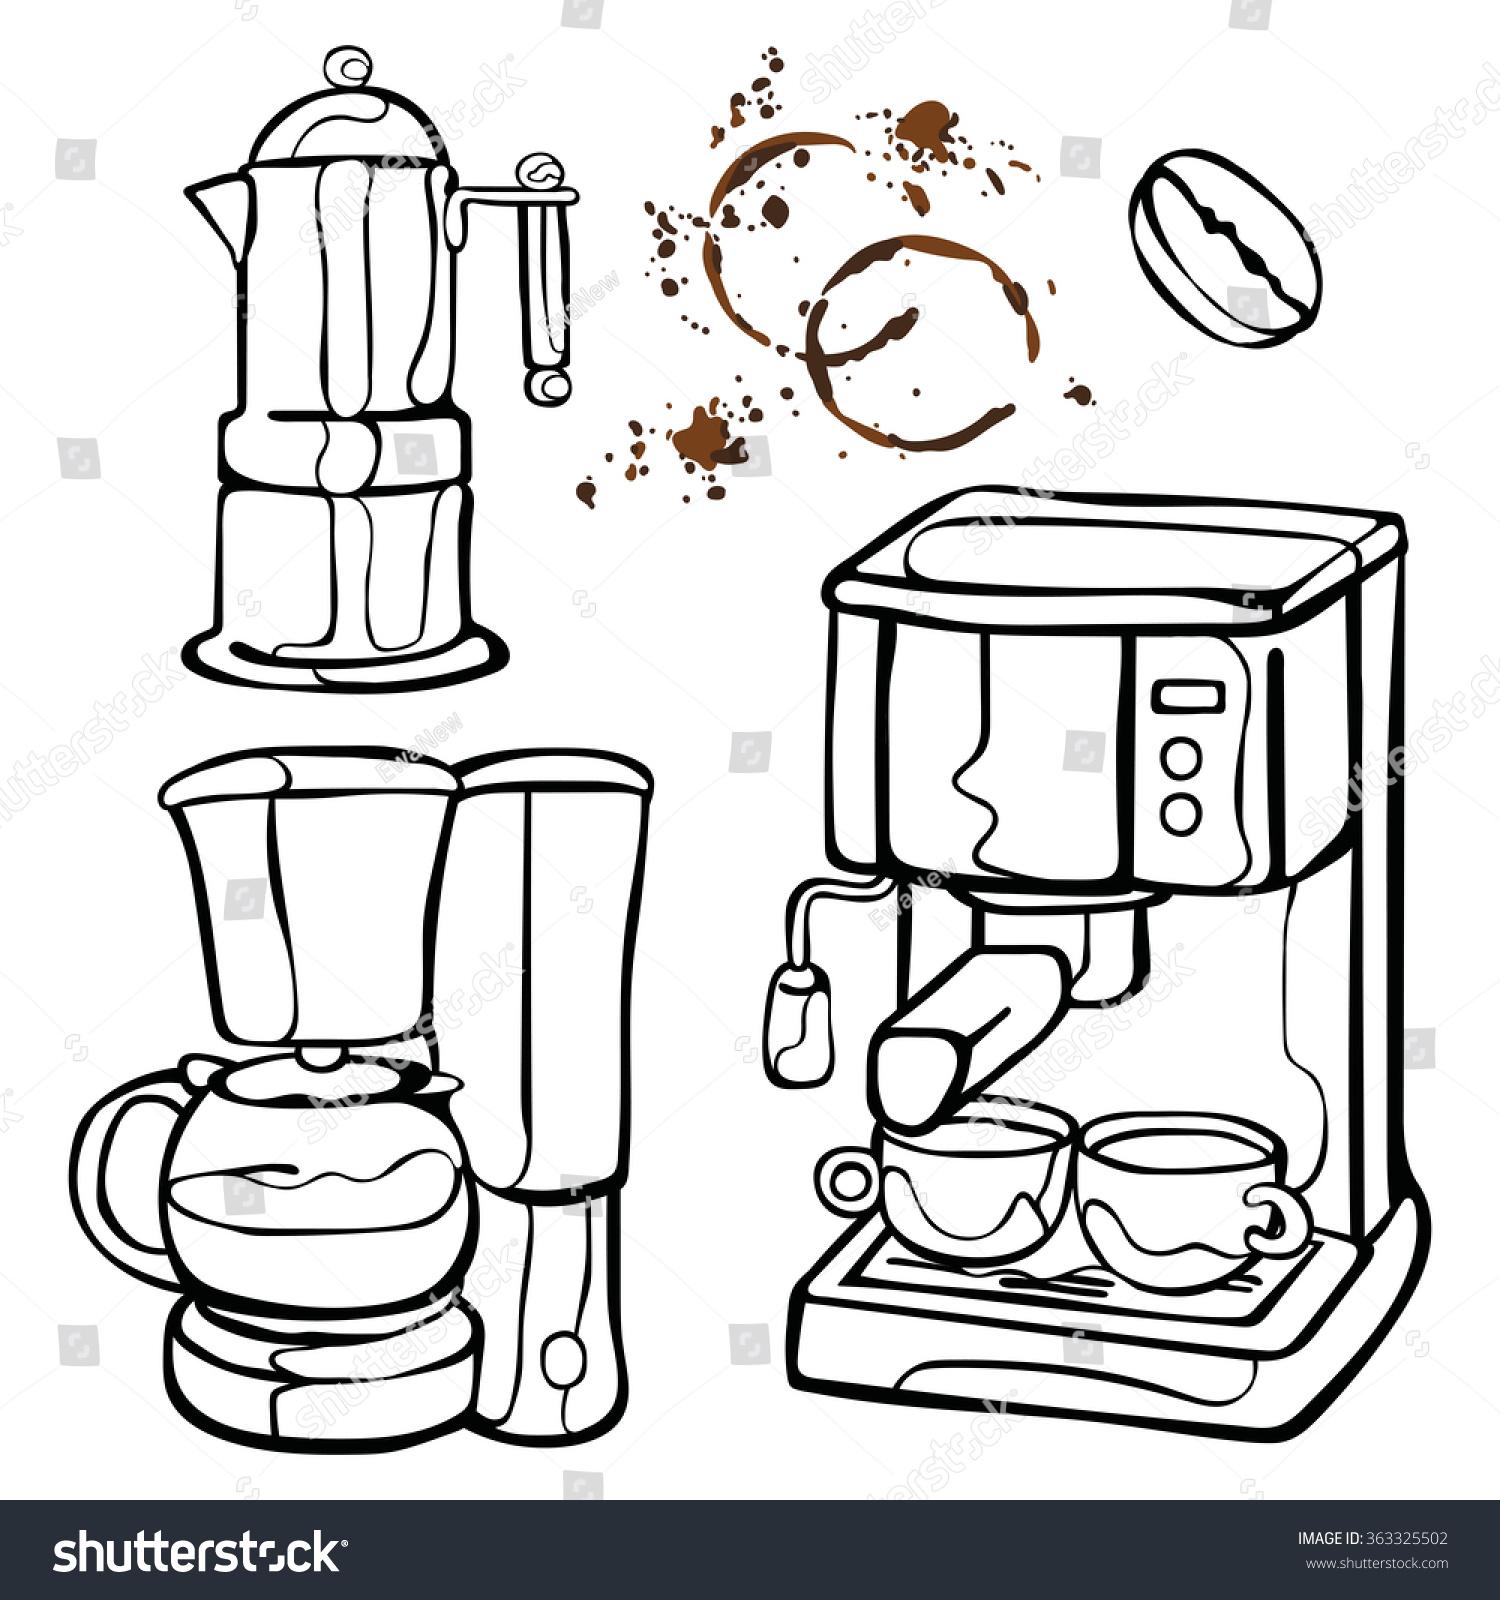 咖啡机.咖啡壶和咖啡杯.咖啡渍.咖啡溅.咖啡豆